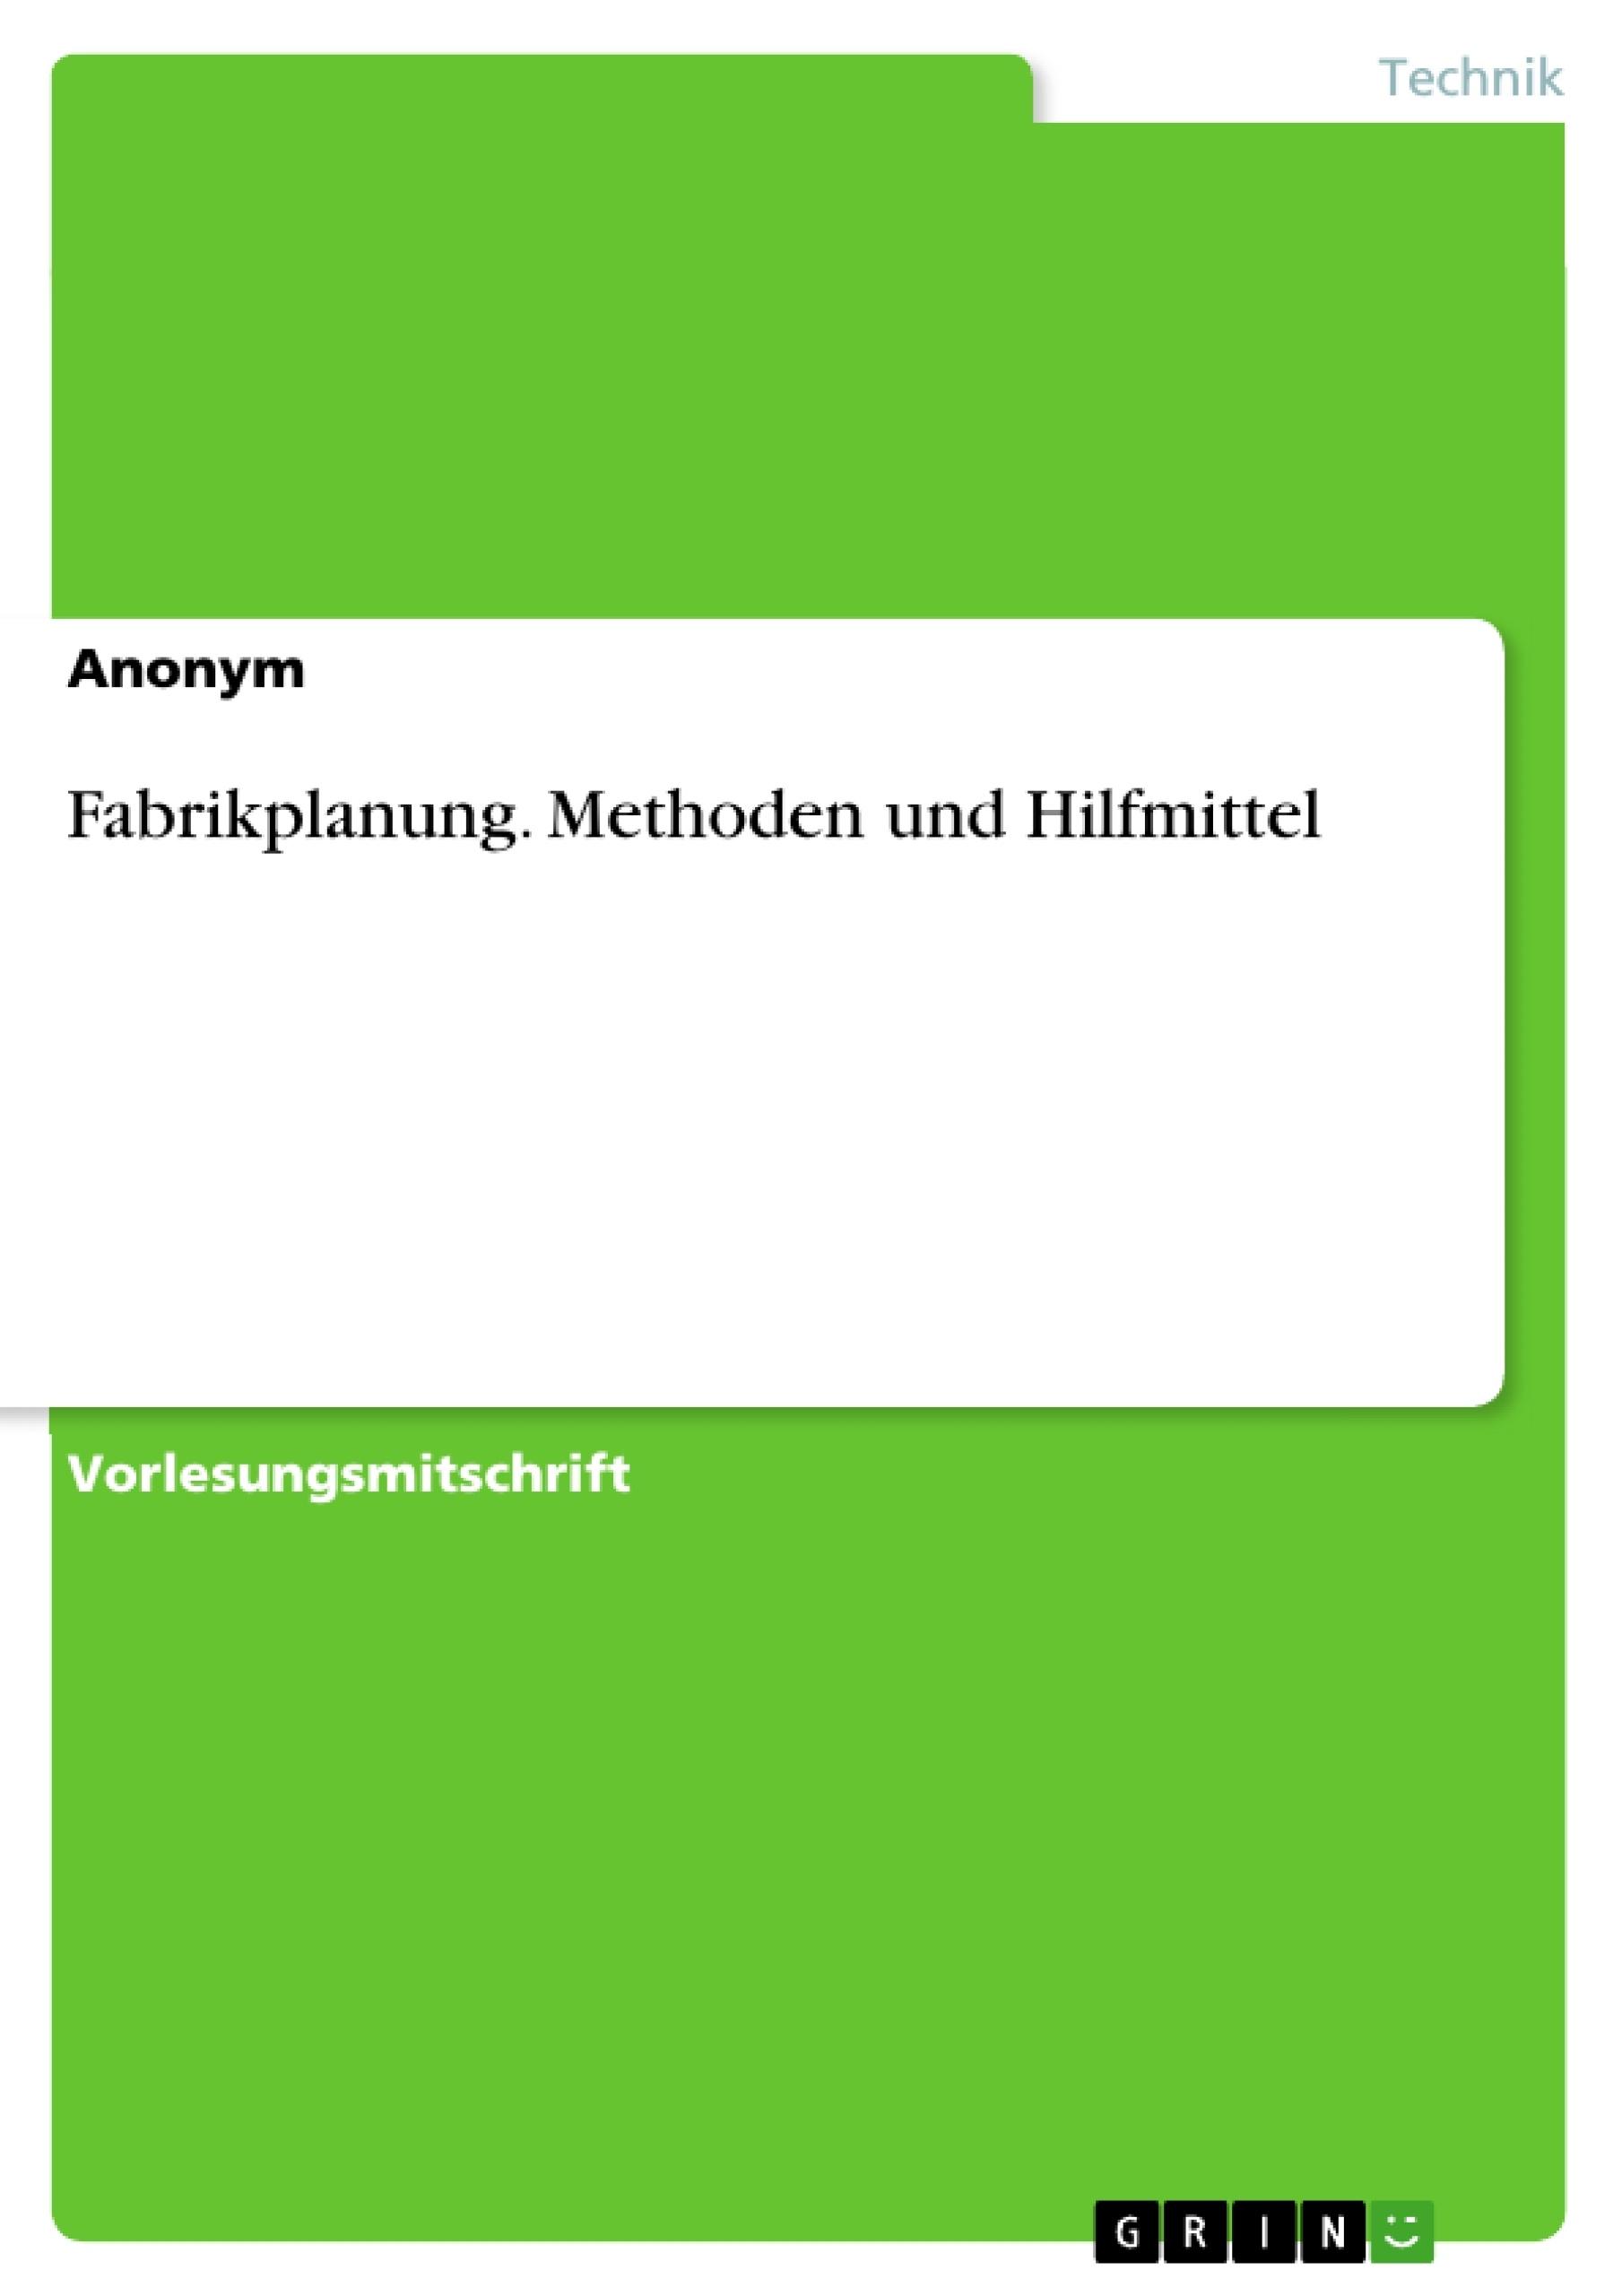 Titel: Fabrikplanung. Methoden und Hilfmittel